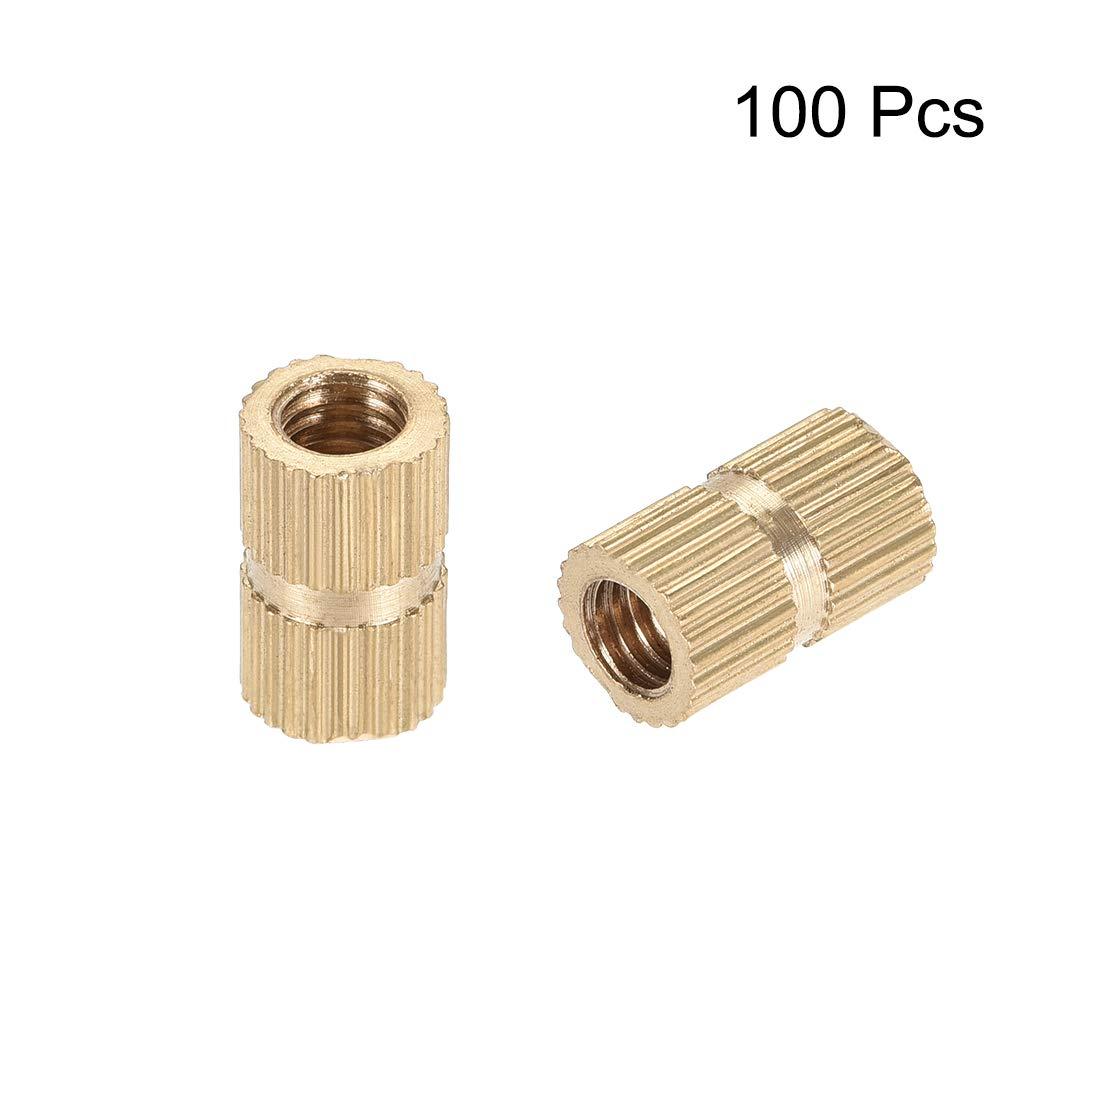 x 6mm M4 x 4mm 100 Pcs L uxcell Knurled Insert Nuts Female Thread Brass Embedment Assortment Kit OD